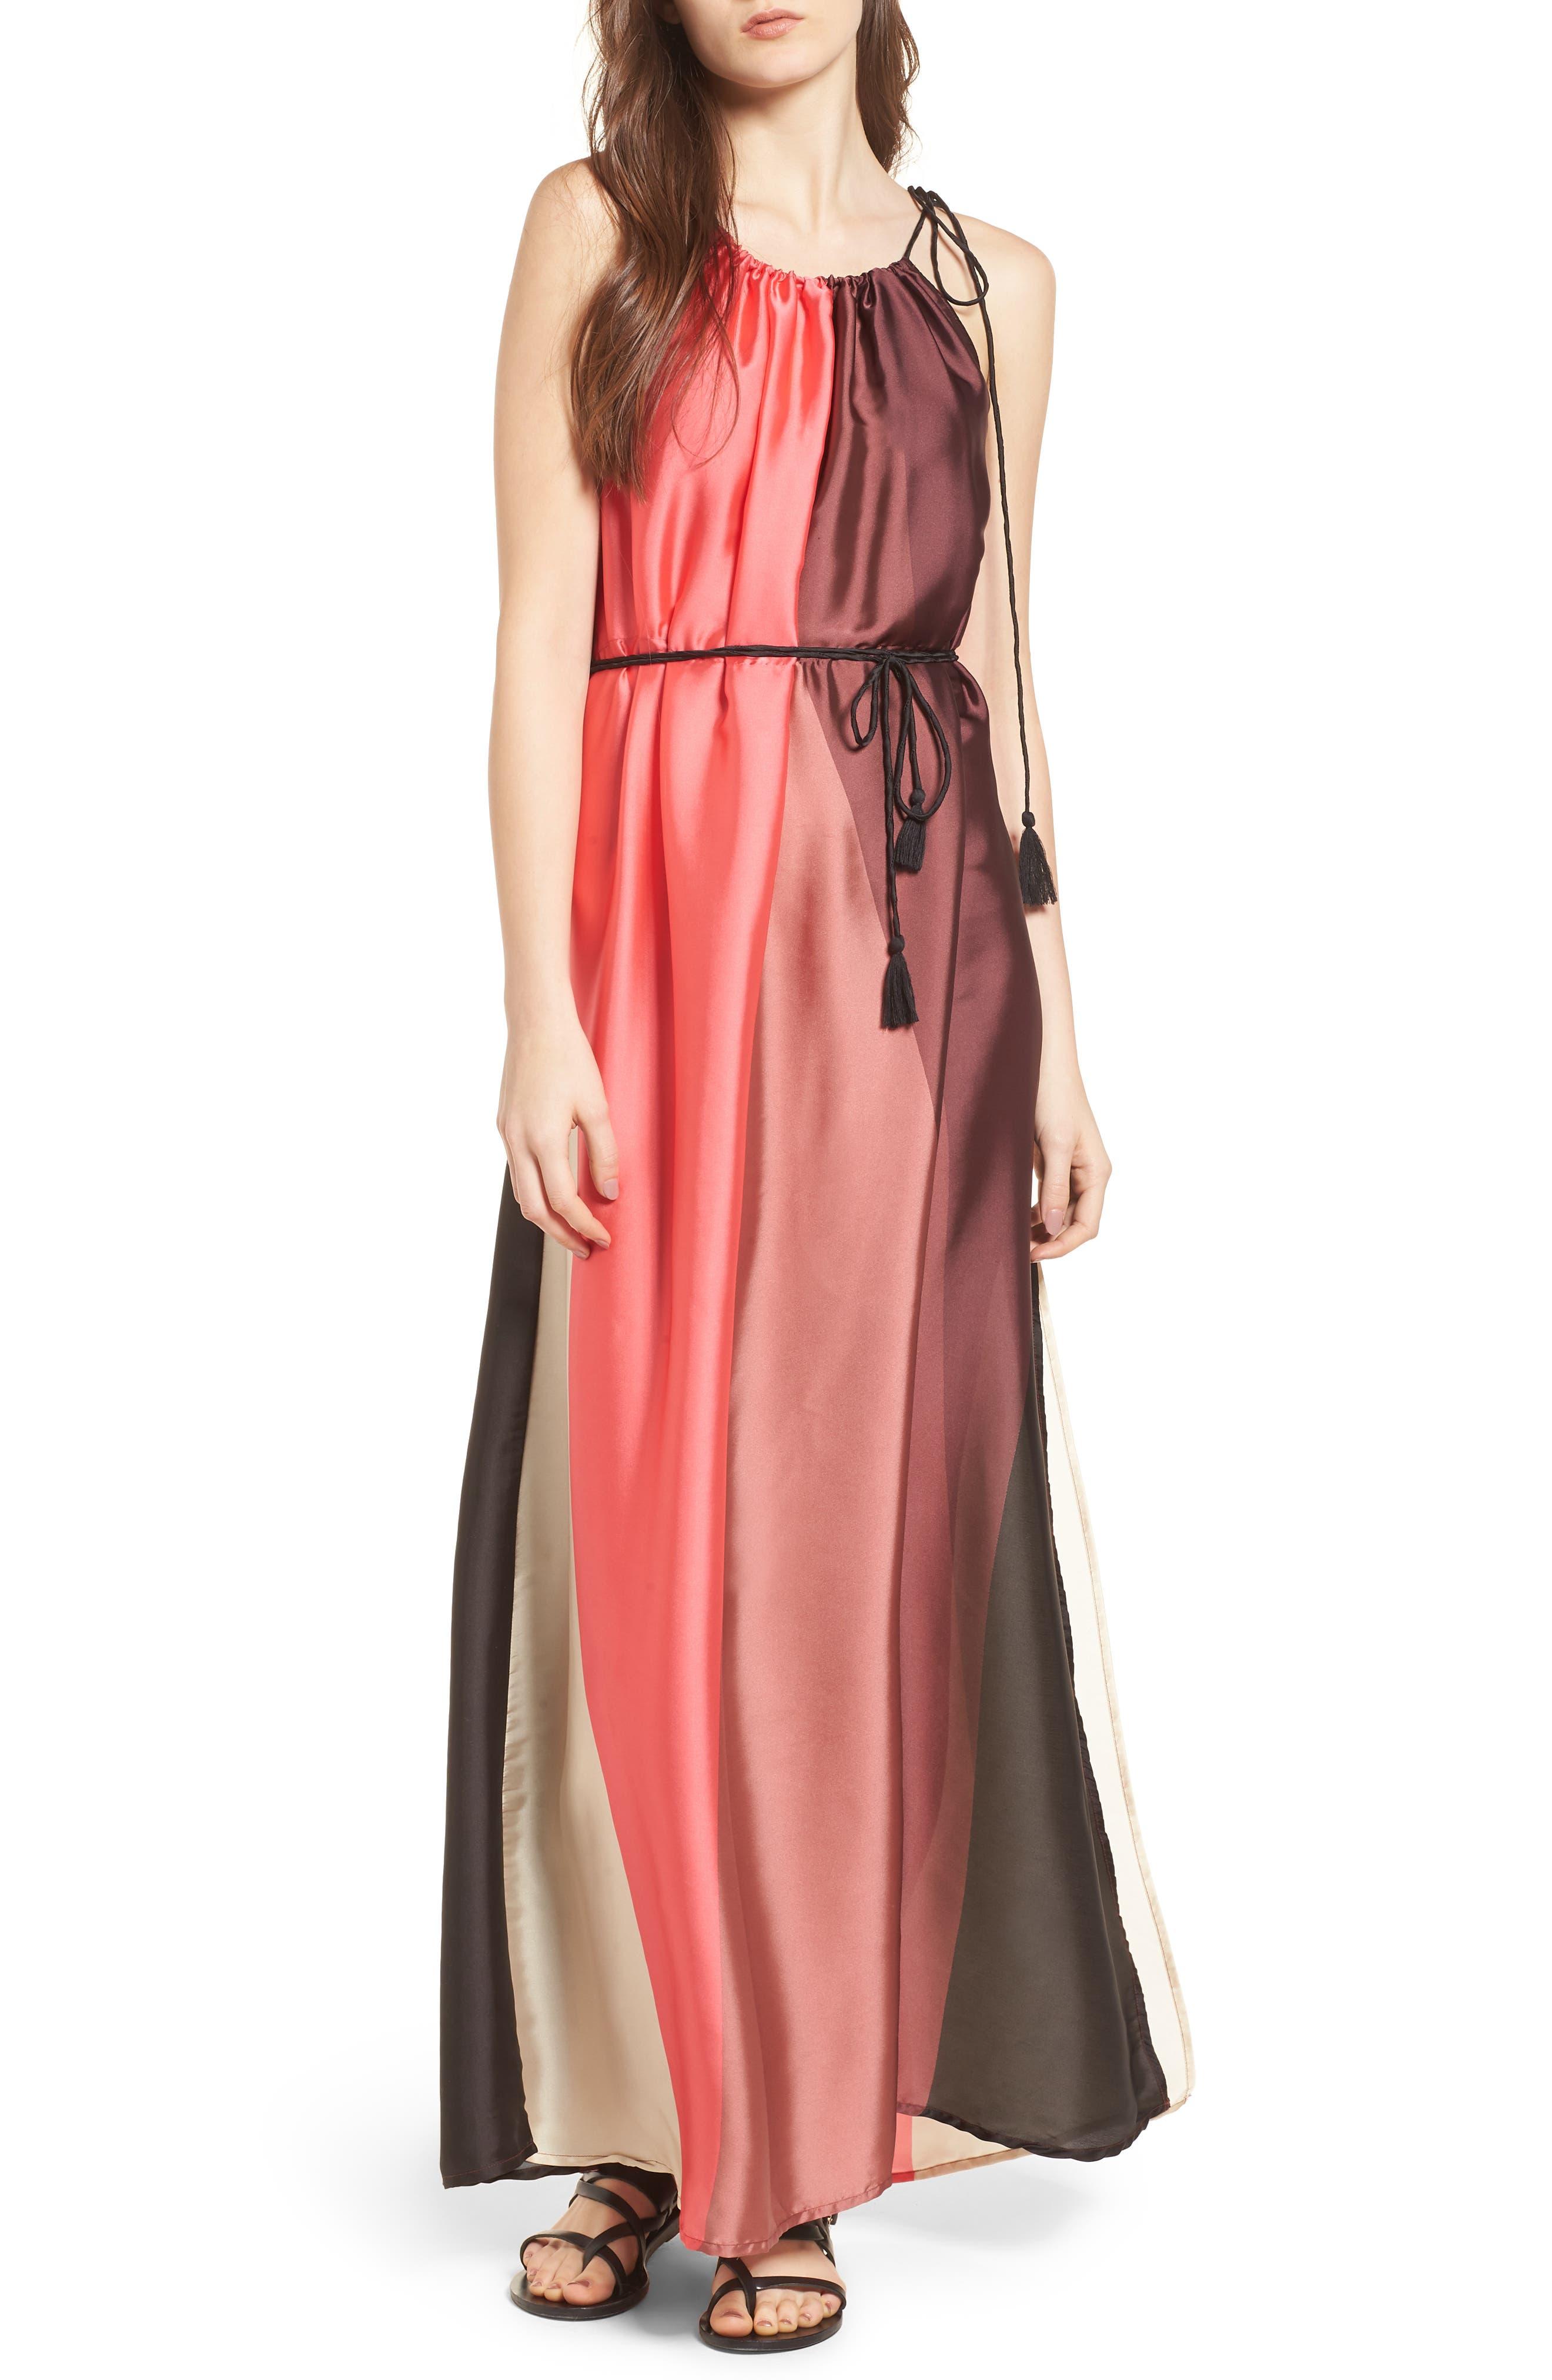 Icy Shores Maxi Dress,                             Main thumbnail 1, color,                             903